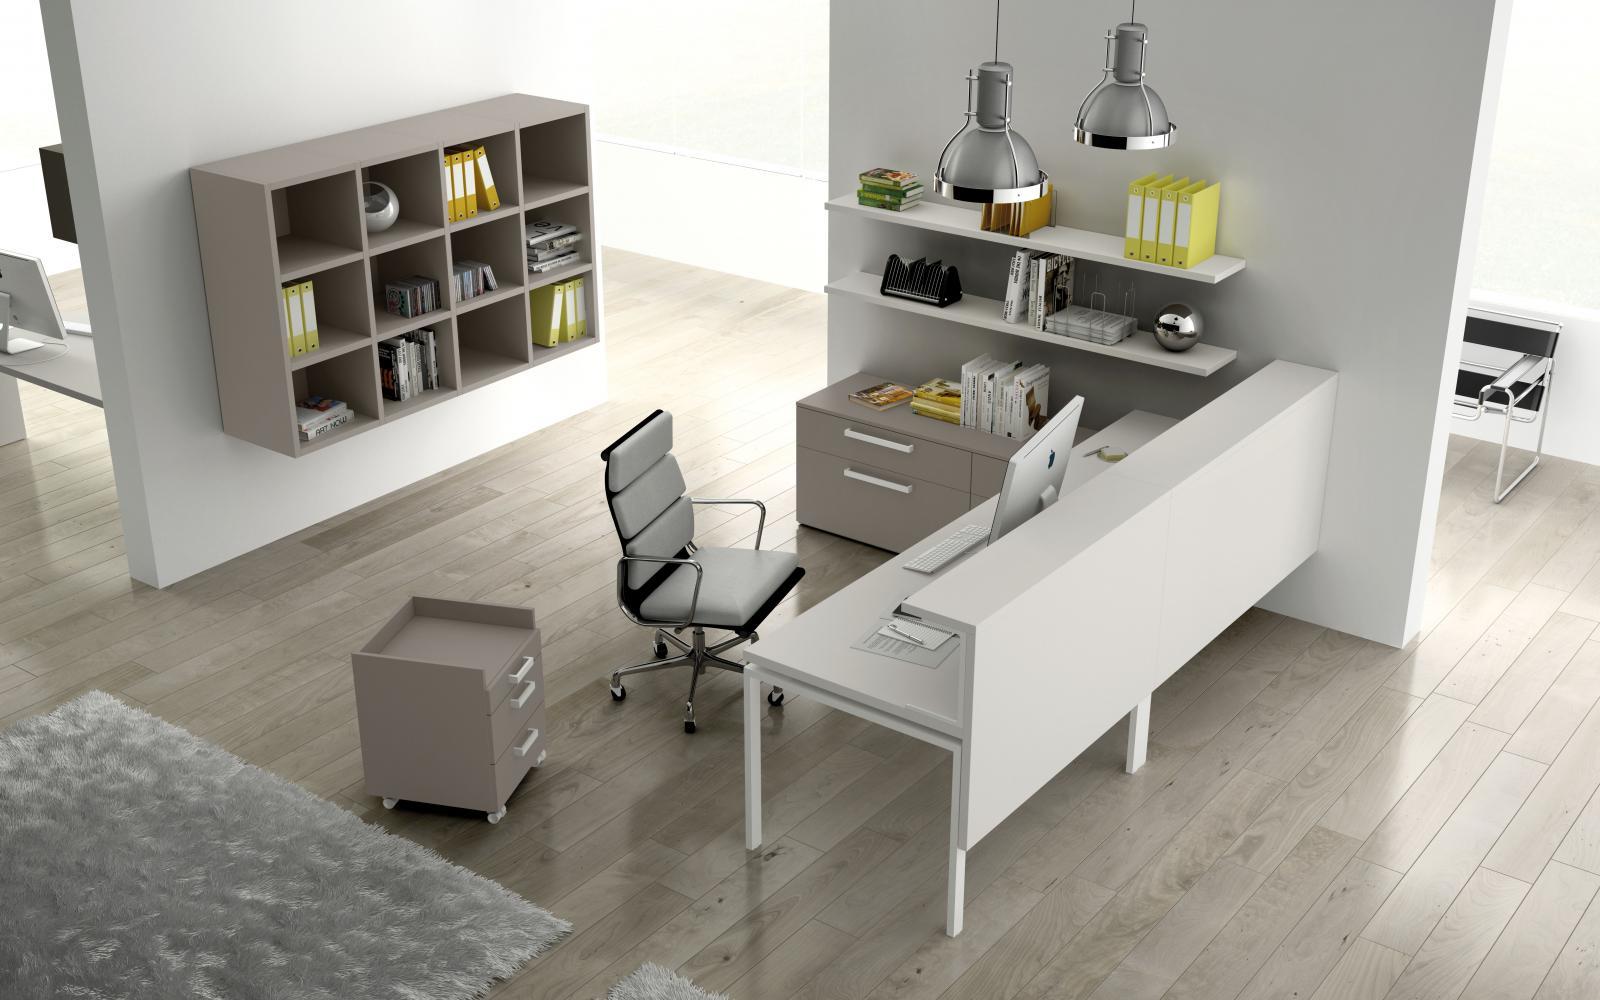 Sistemi d arredo per ufficio real time casa - Sistemi per riscaldare casa ...